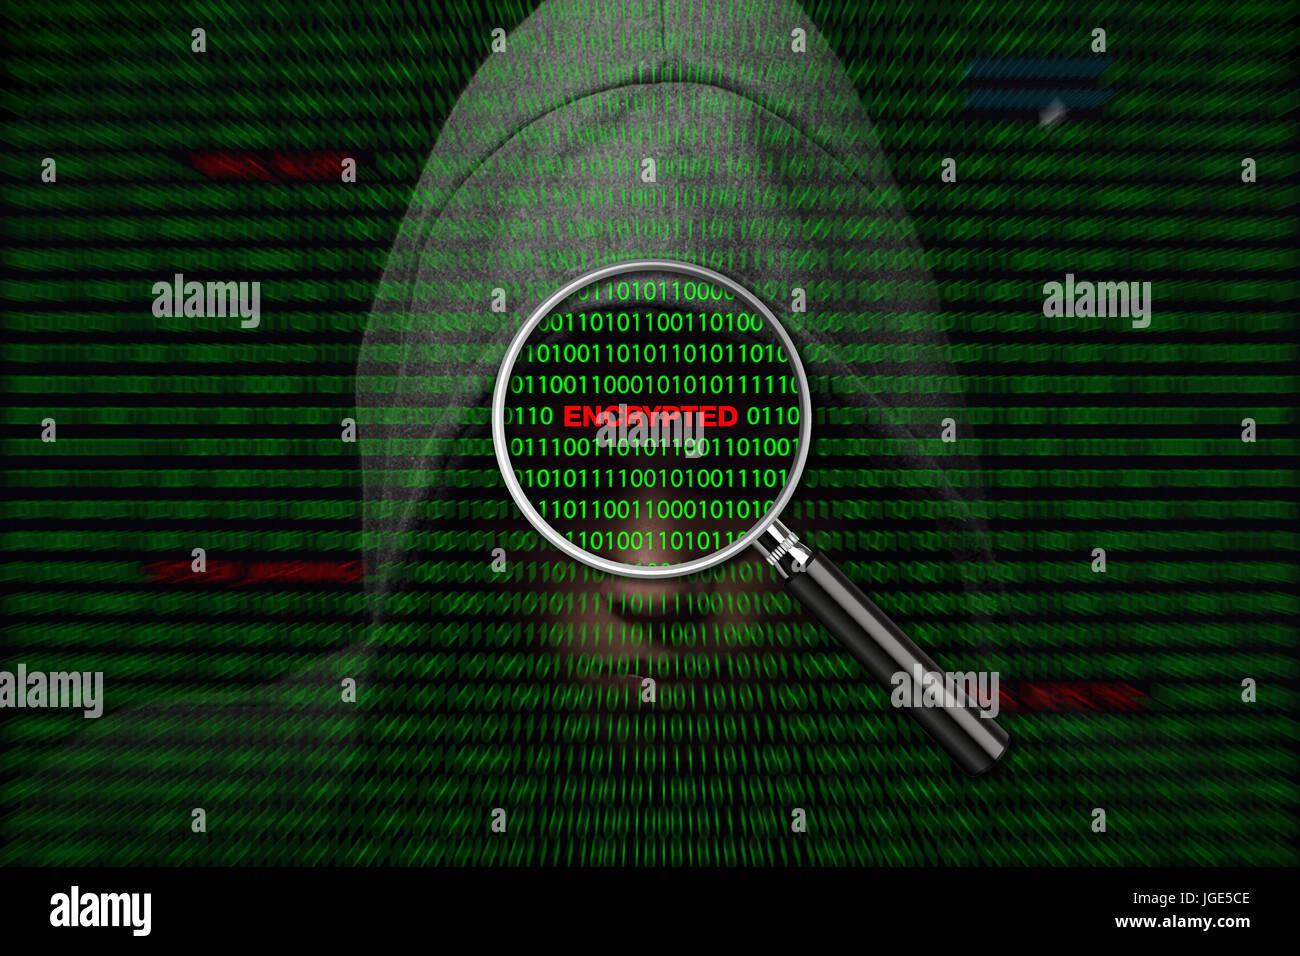 Hacker a través de una pantalla con código binario y cifrado de mensajes de advertencia Imagen De Stock